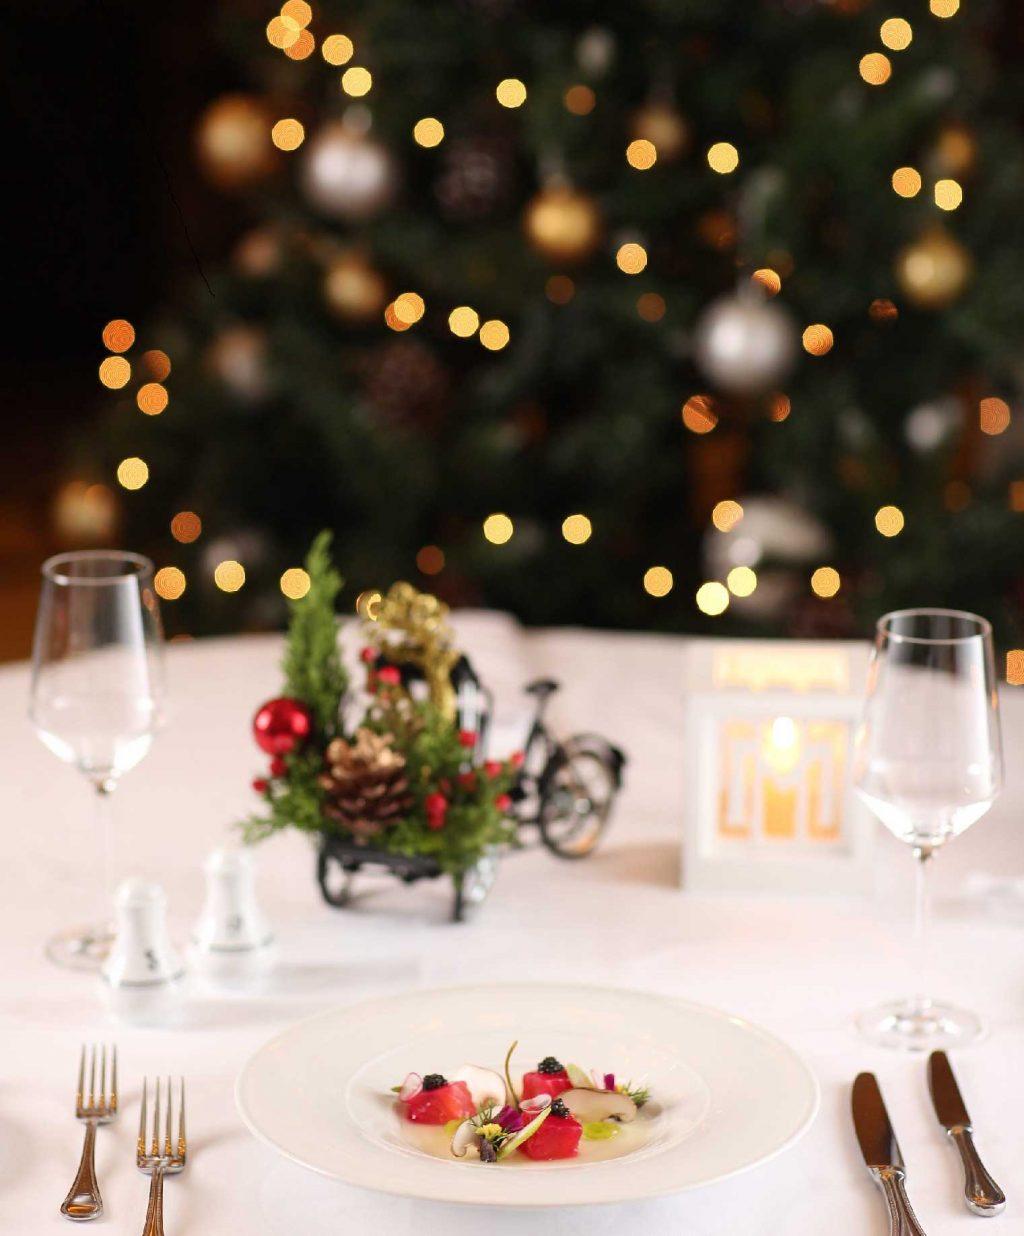 Khám phá ẩm thực thế giới cùng thực đơn mùa lễ hội tại Khách sạn Metropole 1